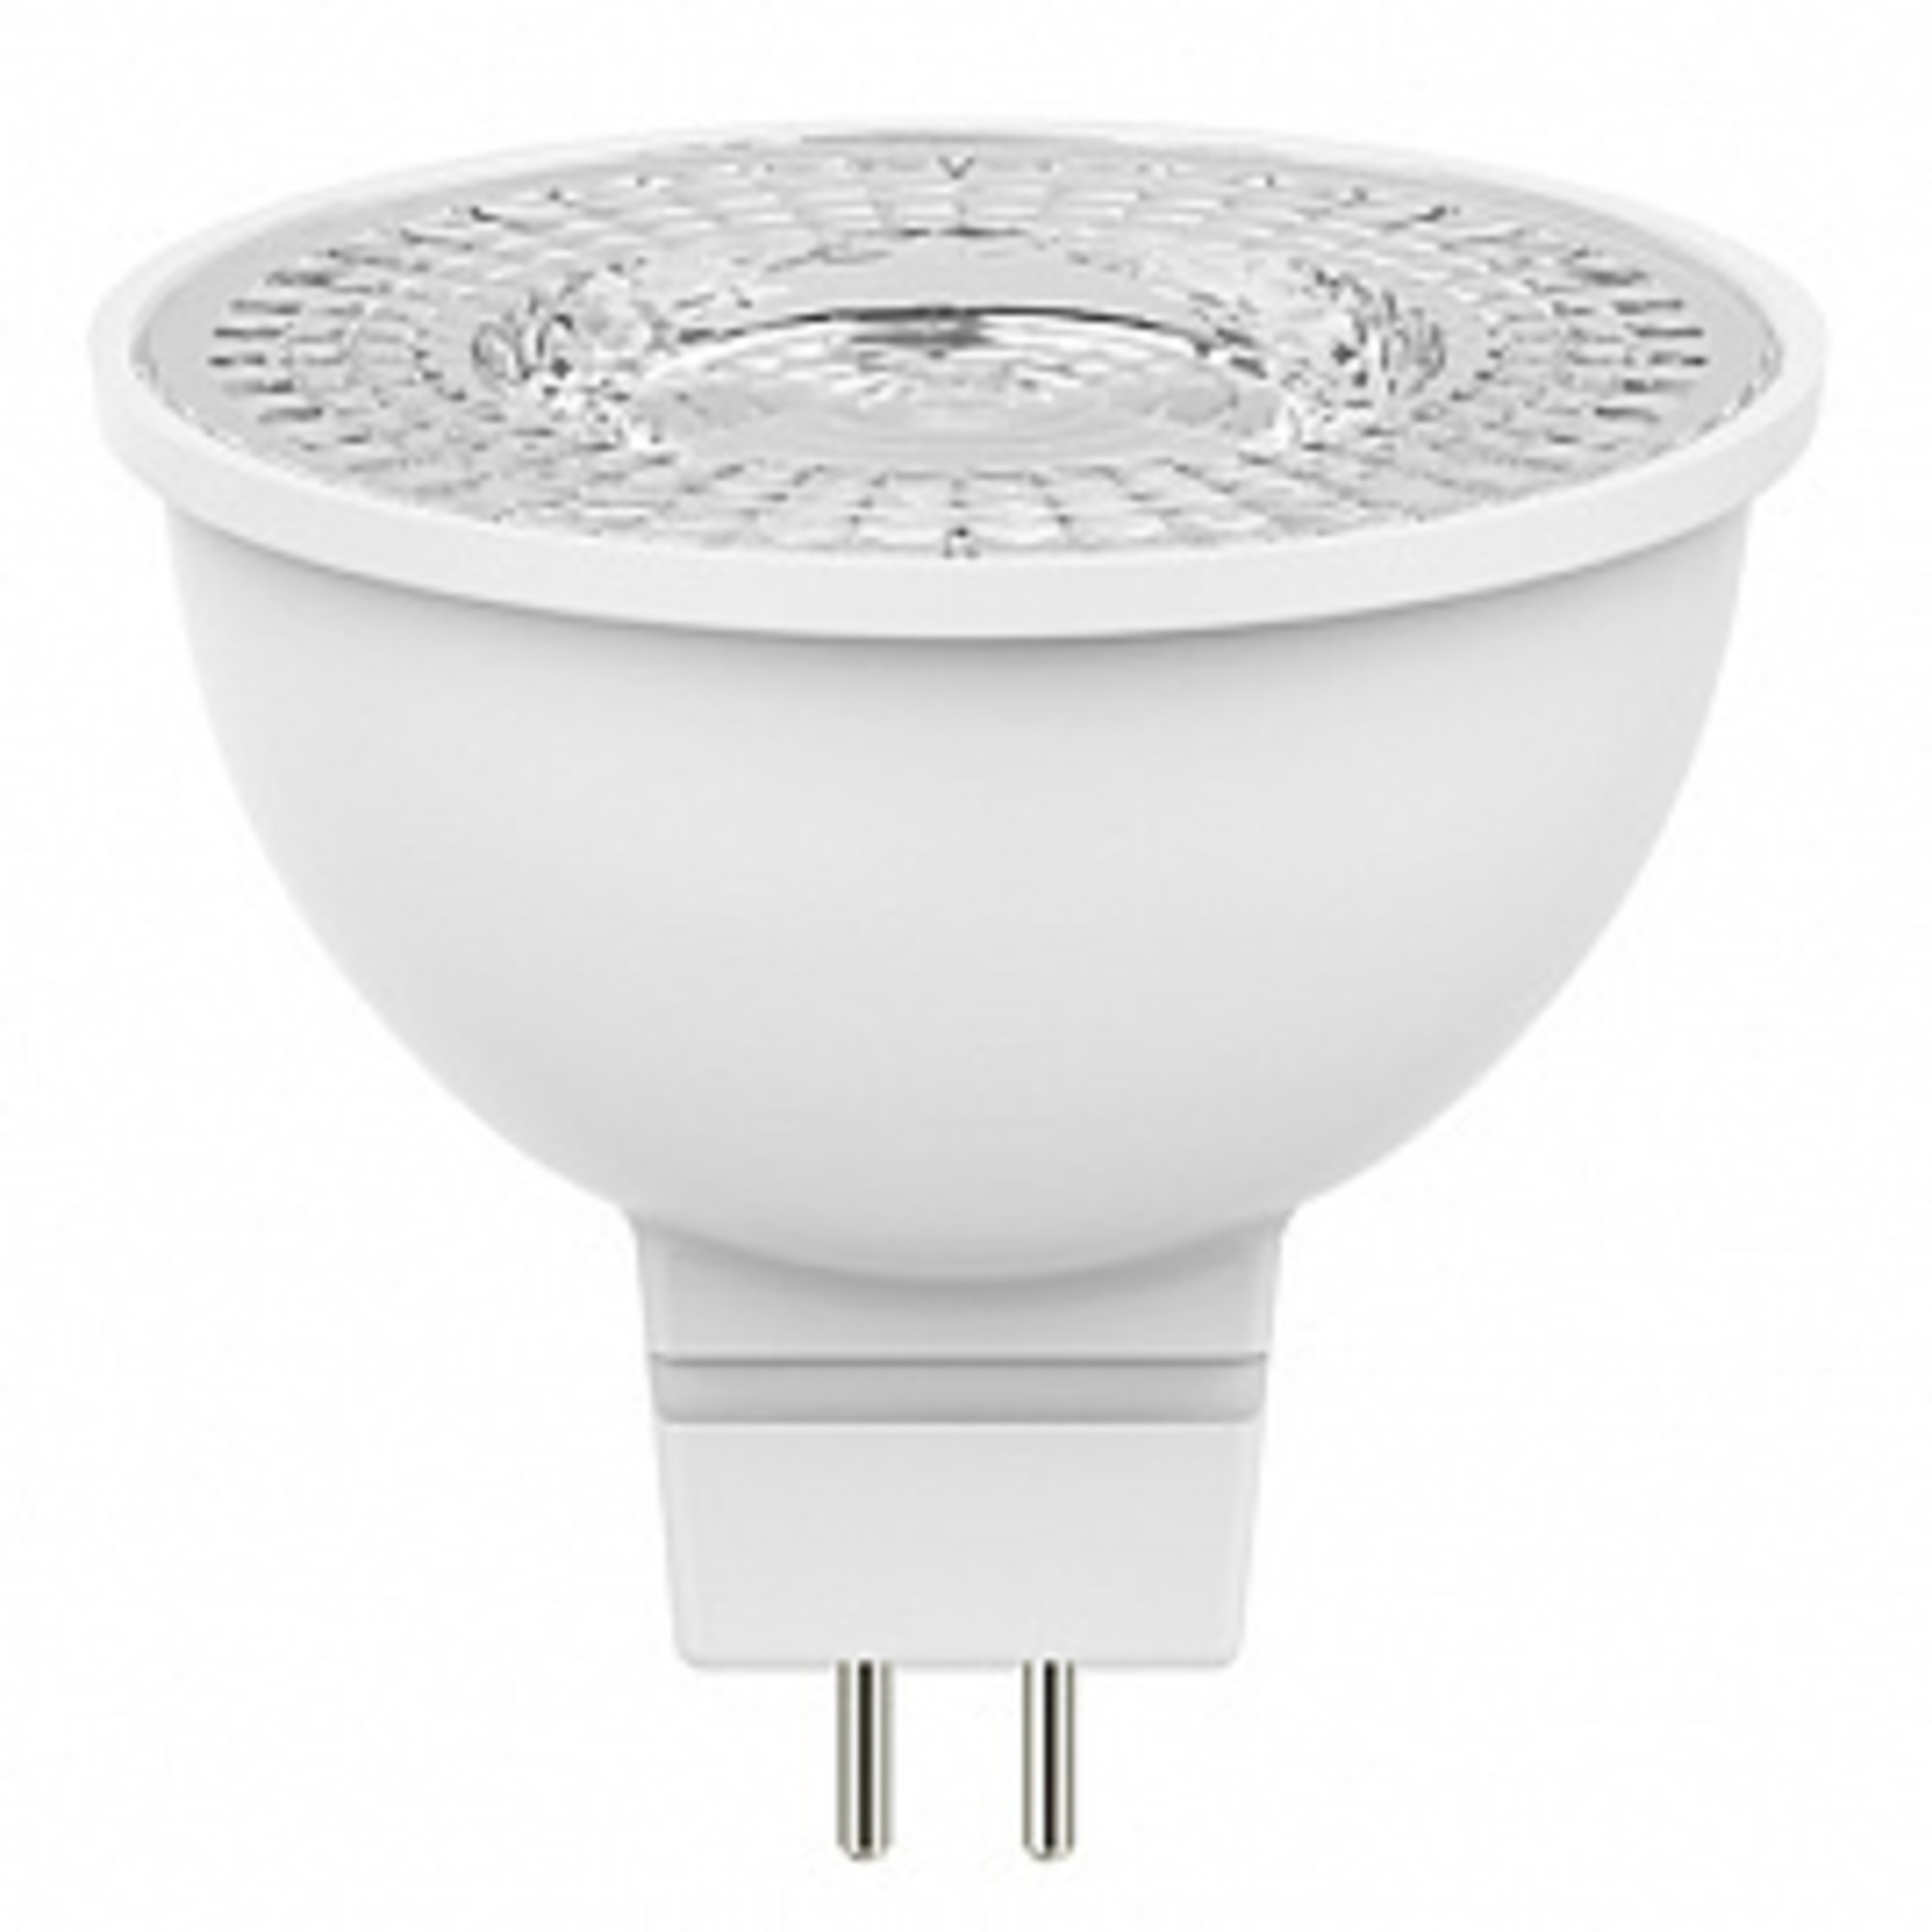 Лампа светодиодная Osram спот GU5.3 3 Вт 270 Лм нейтральный белый свет